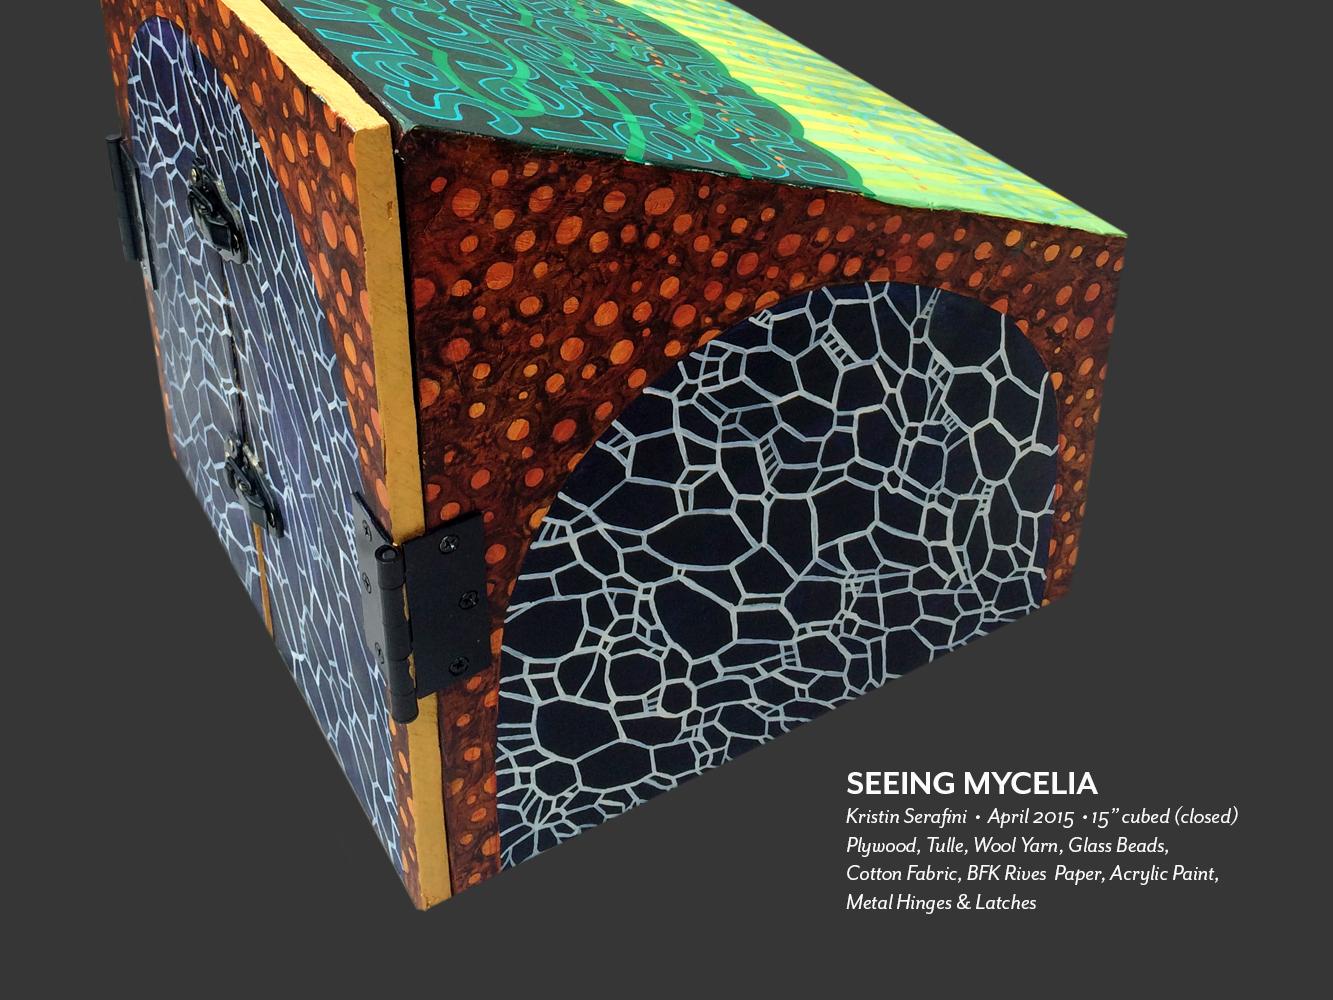 seeing-mycelia-01